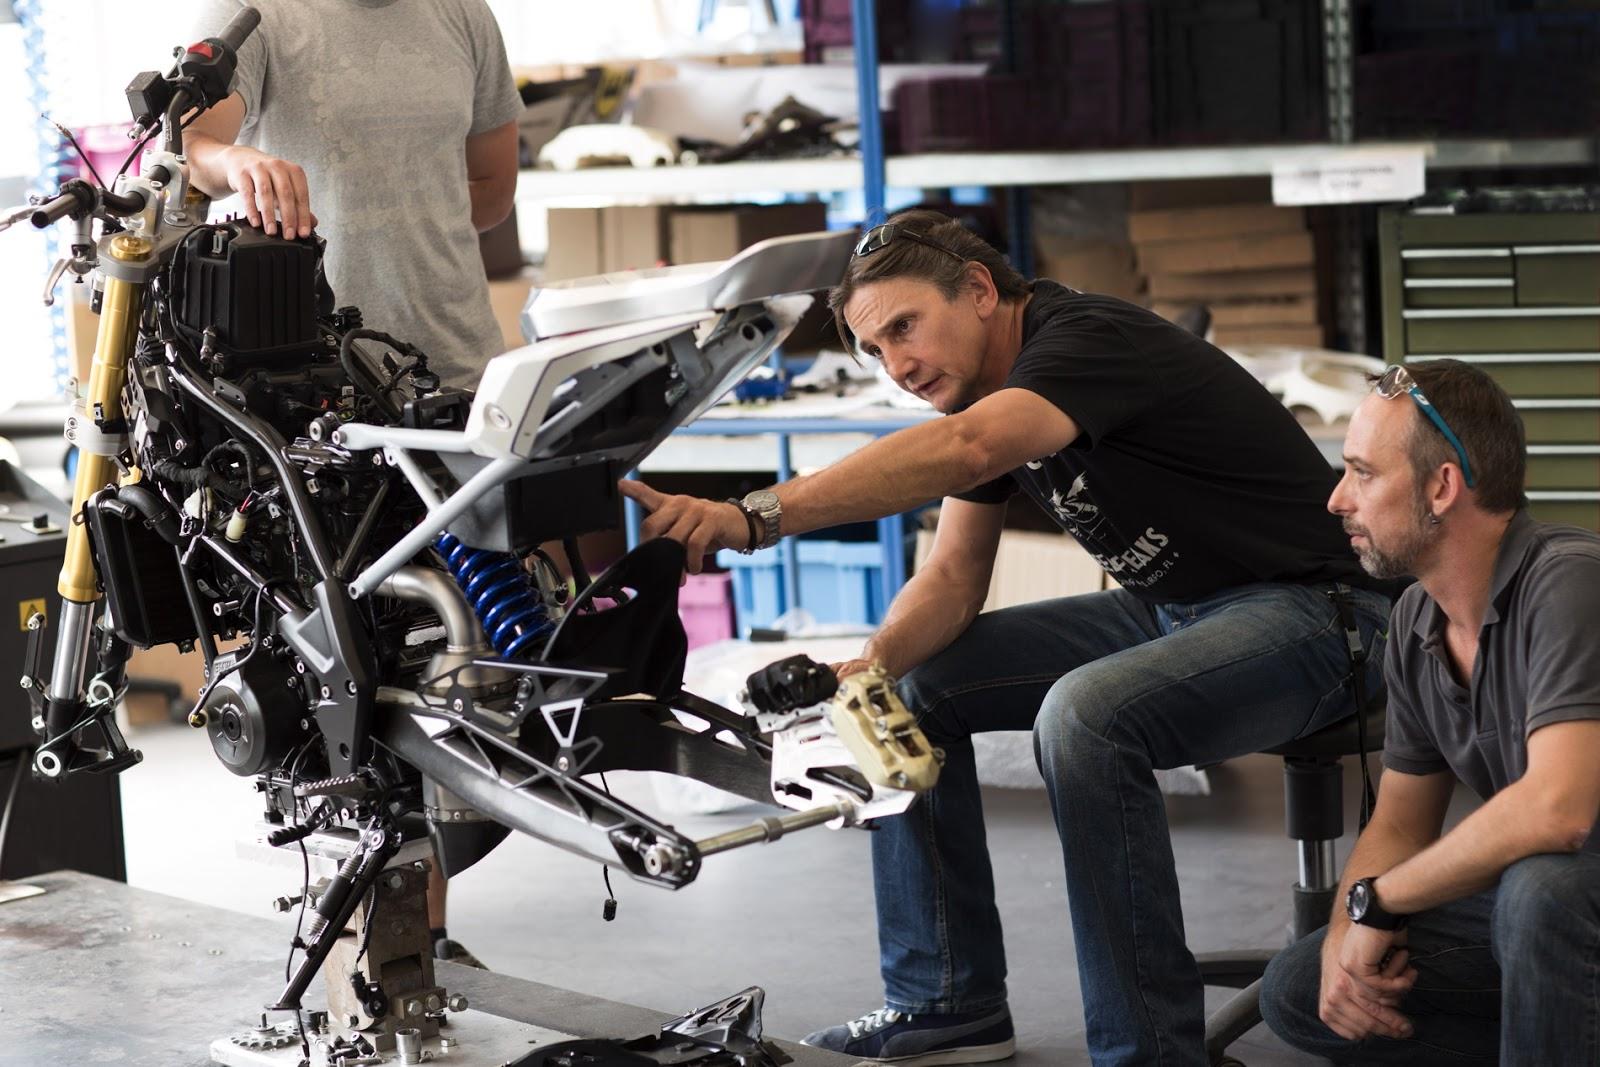 http://2.bp.blogspot.com/-HBeAF_hFxr4/VhXta4j9zvI/AAAAAAAABFY/95KG1NedMmI/s1600/BMW-Concept-Stunt-G-310-images-13.jpg